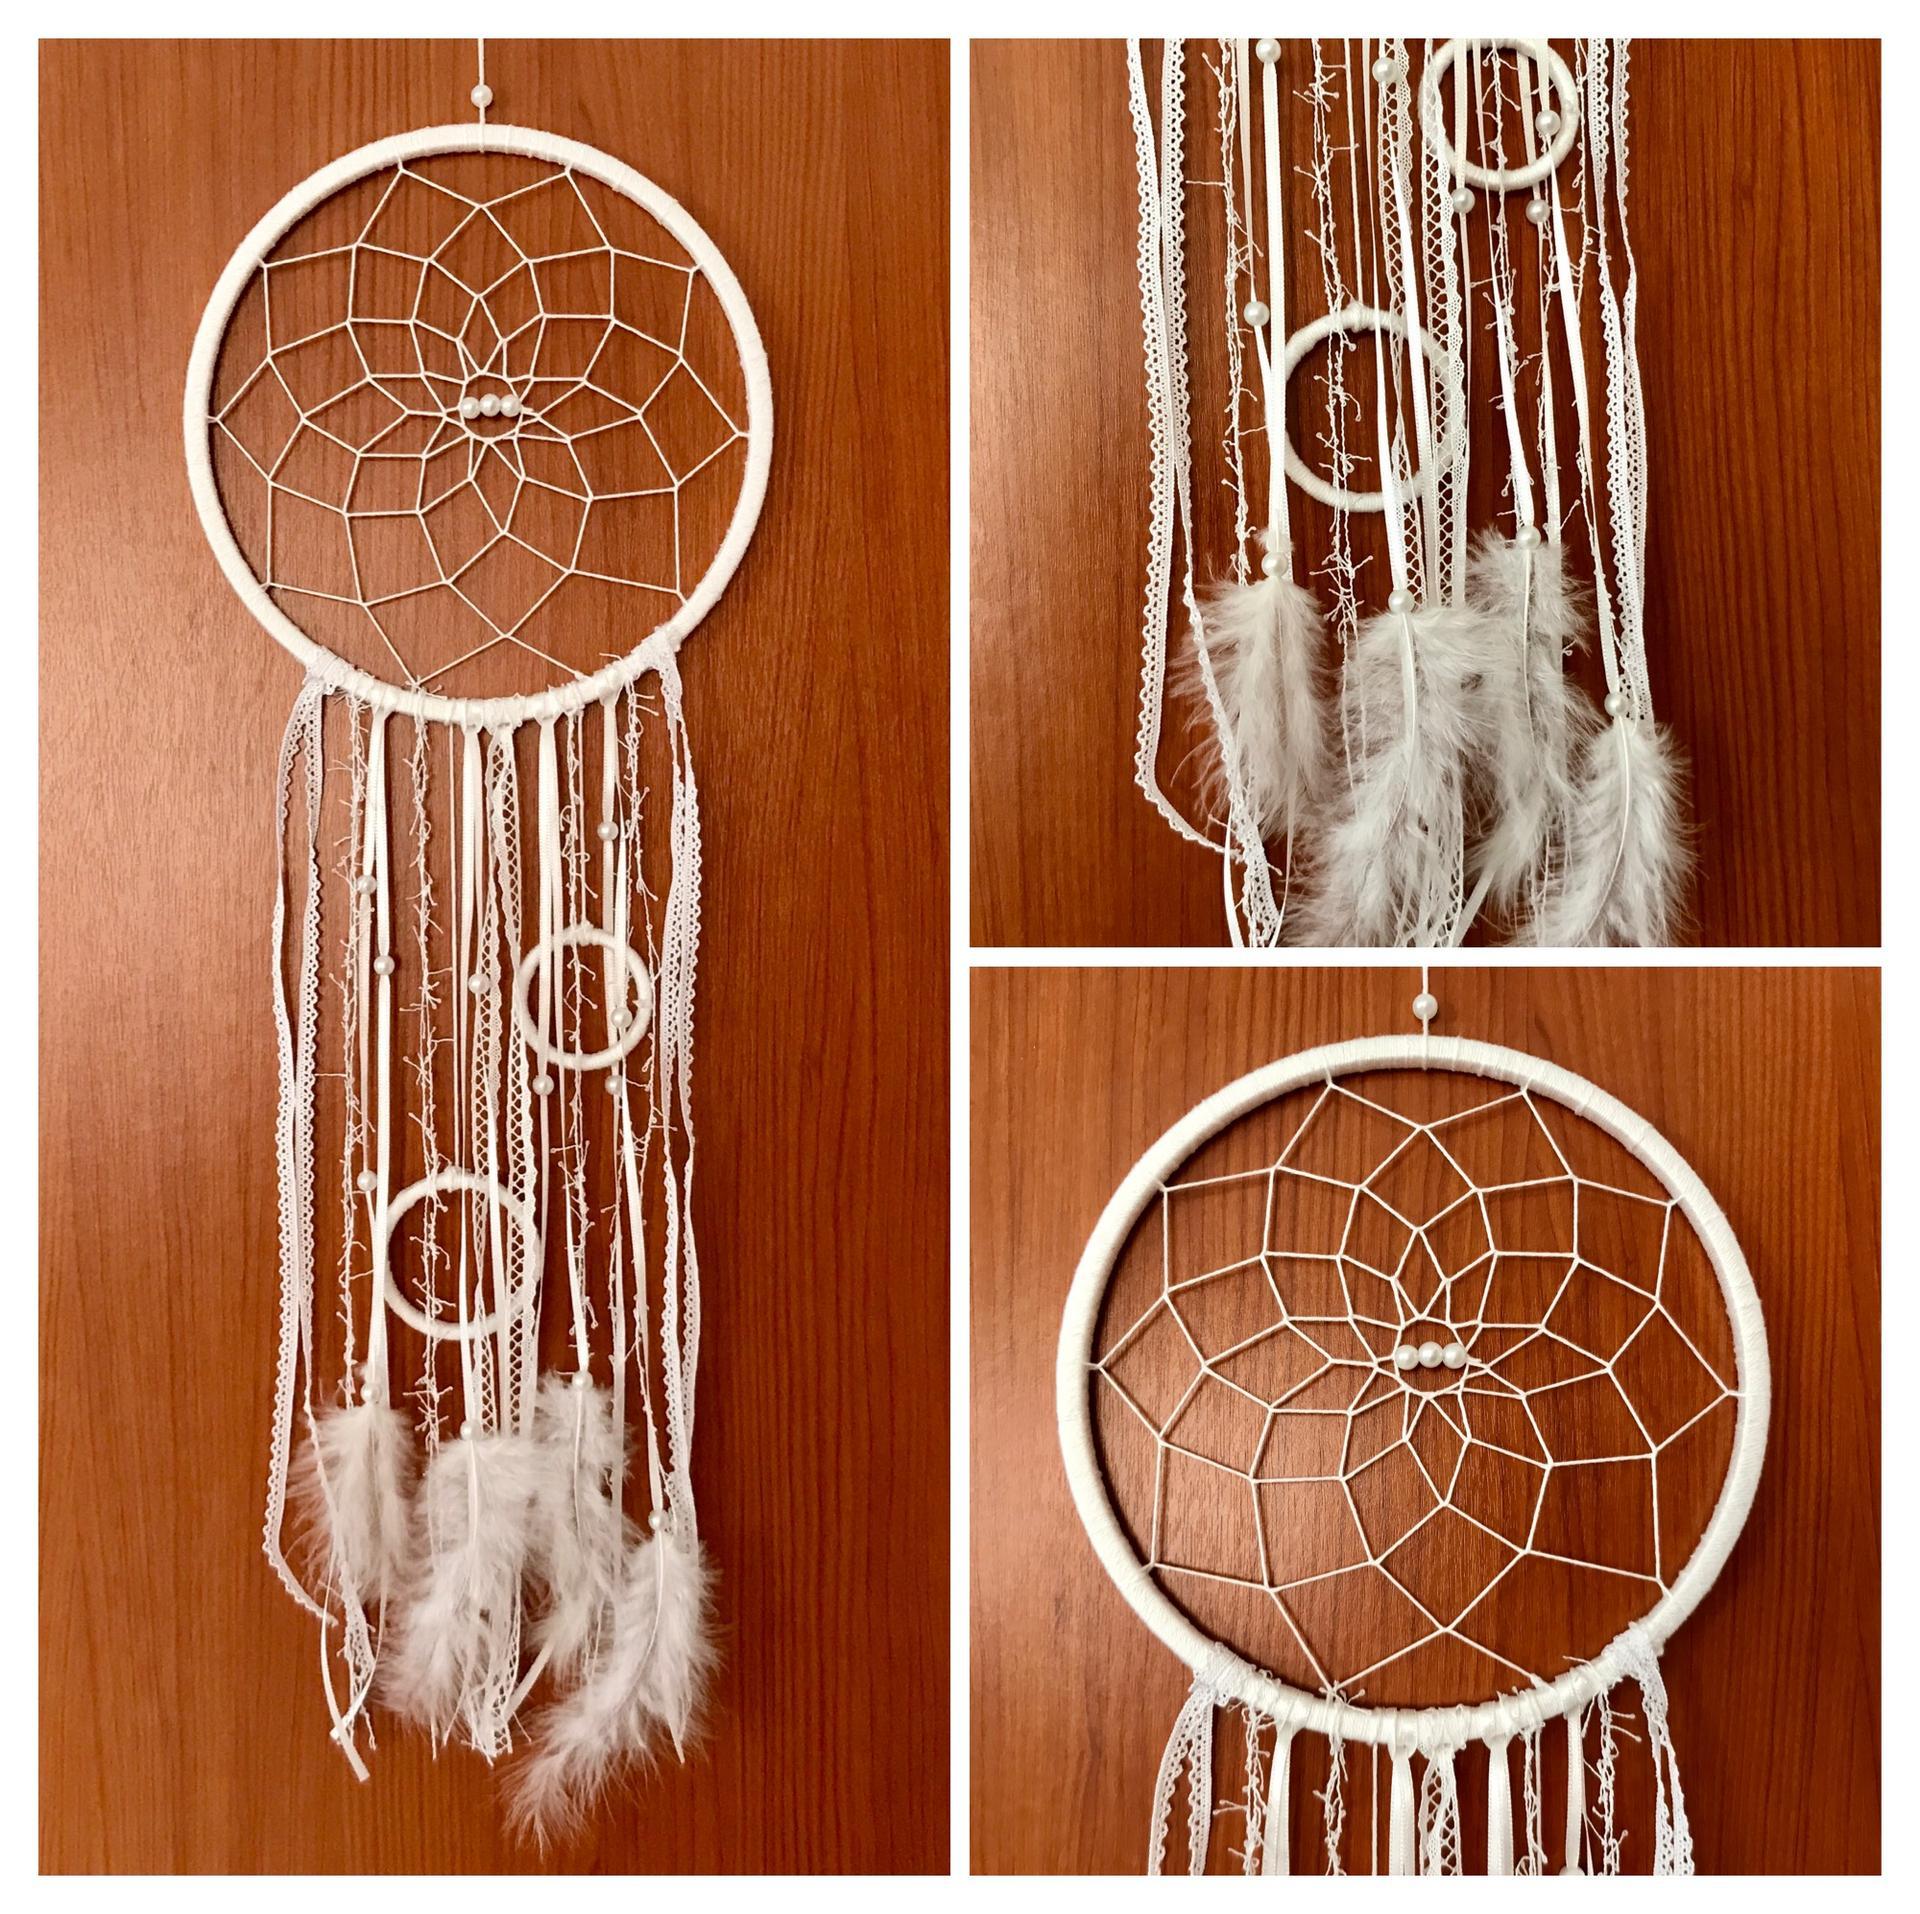 Miluji tvořit - Čistě bílý, perličky, kroužky a peříčka 🤗